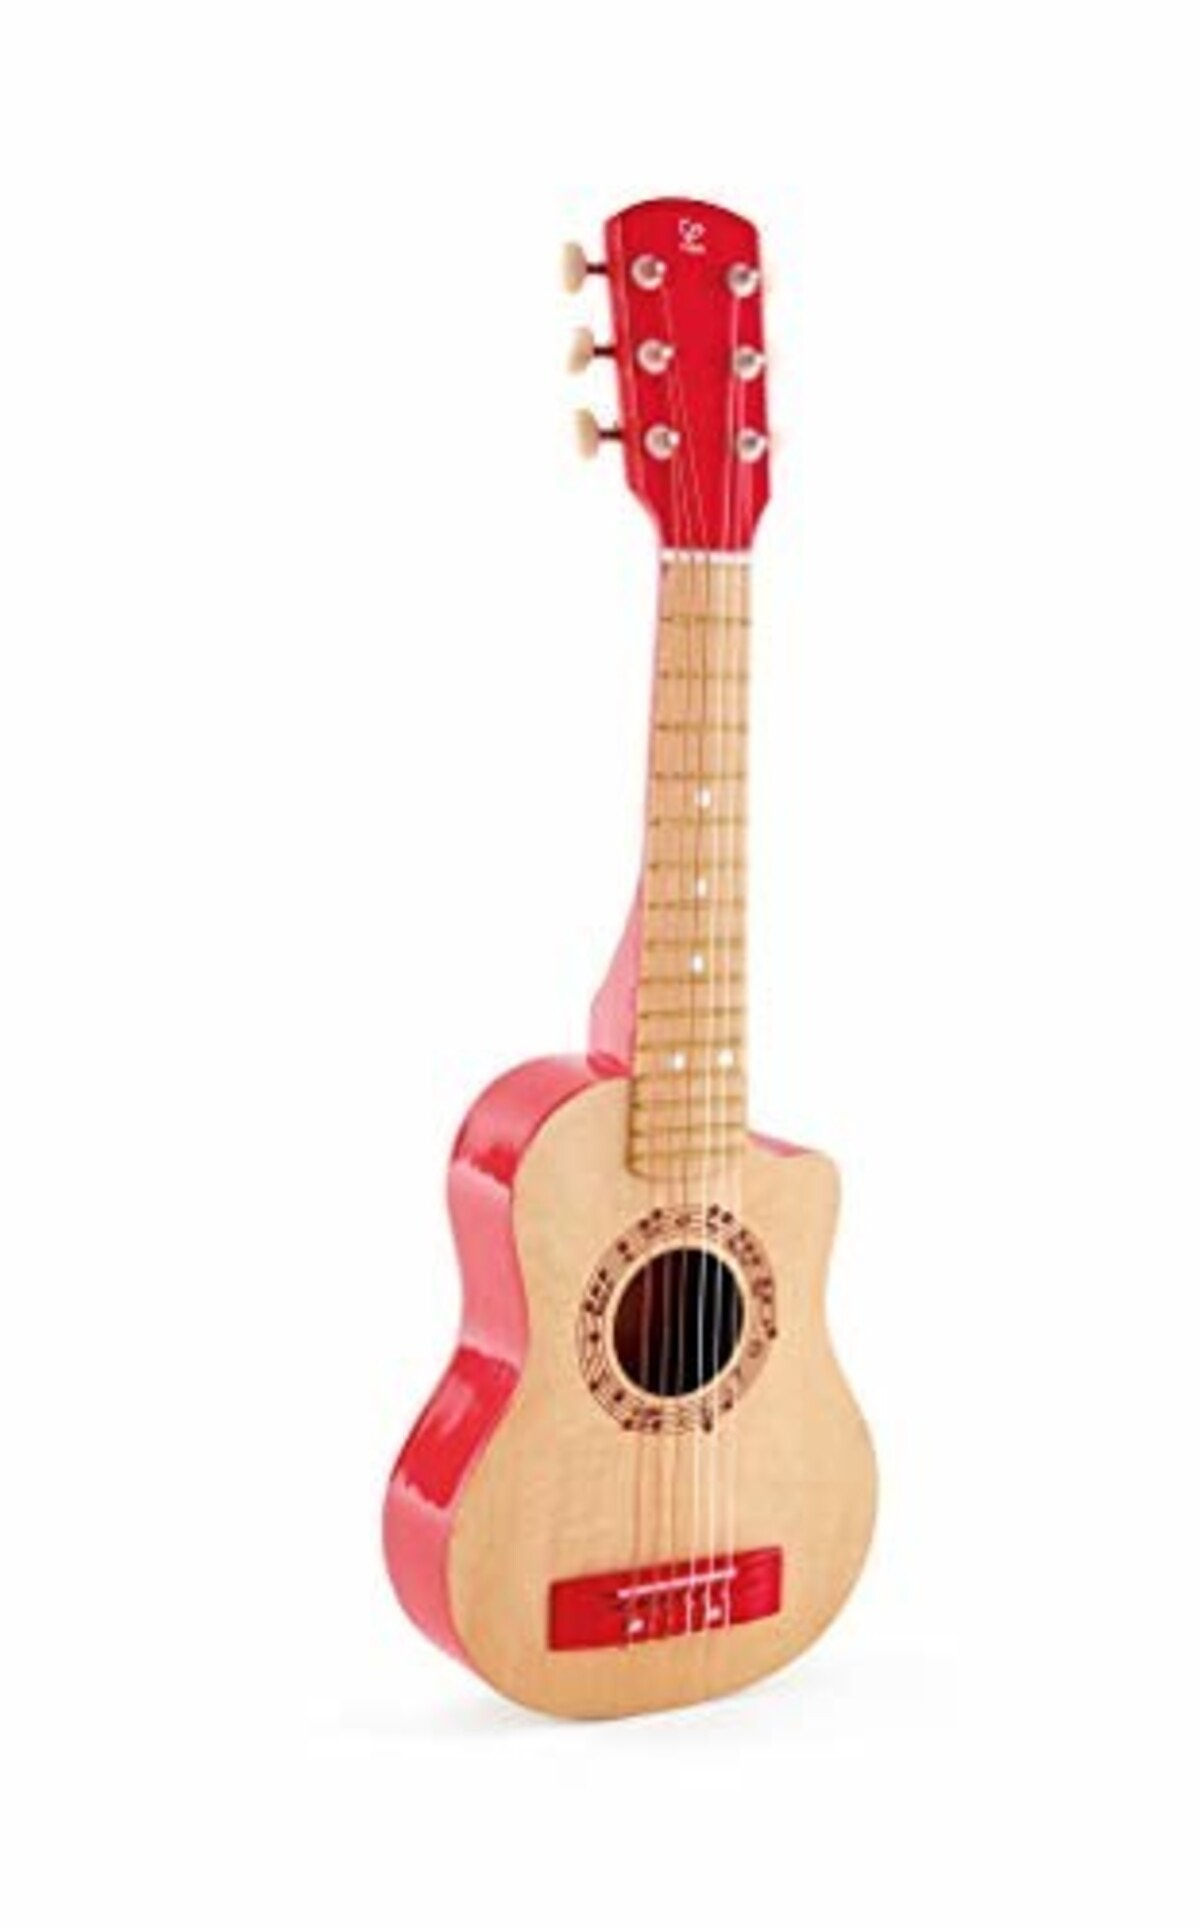 ハペ「マイファーストギター」